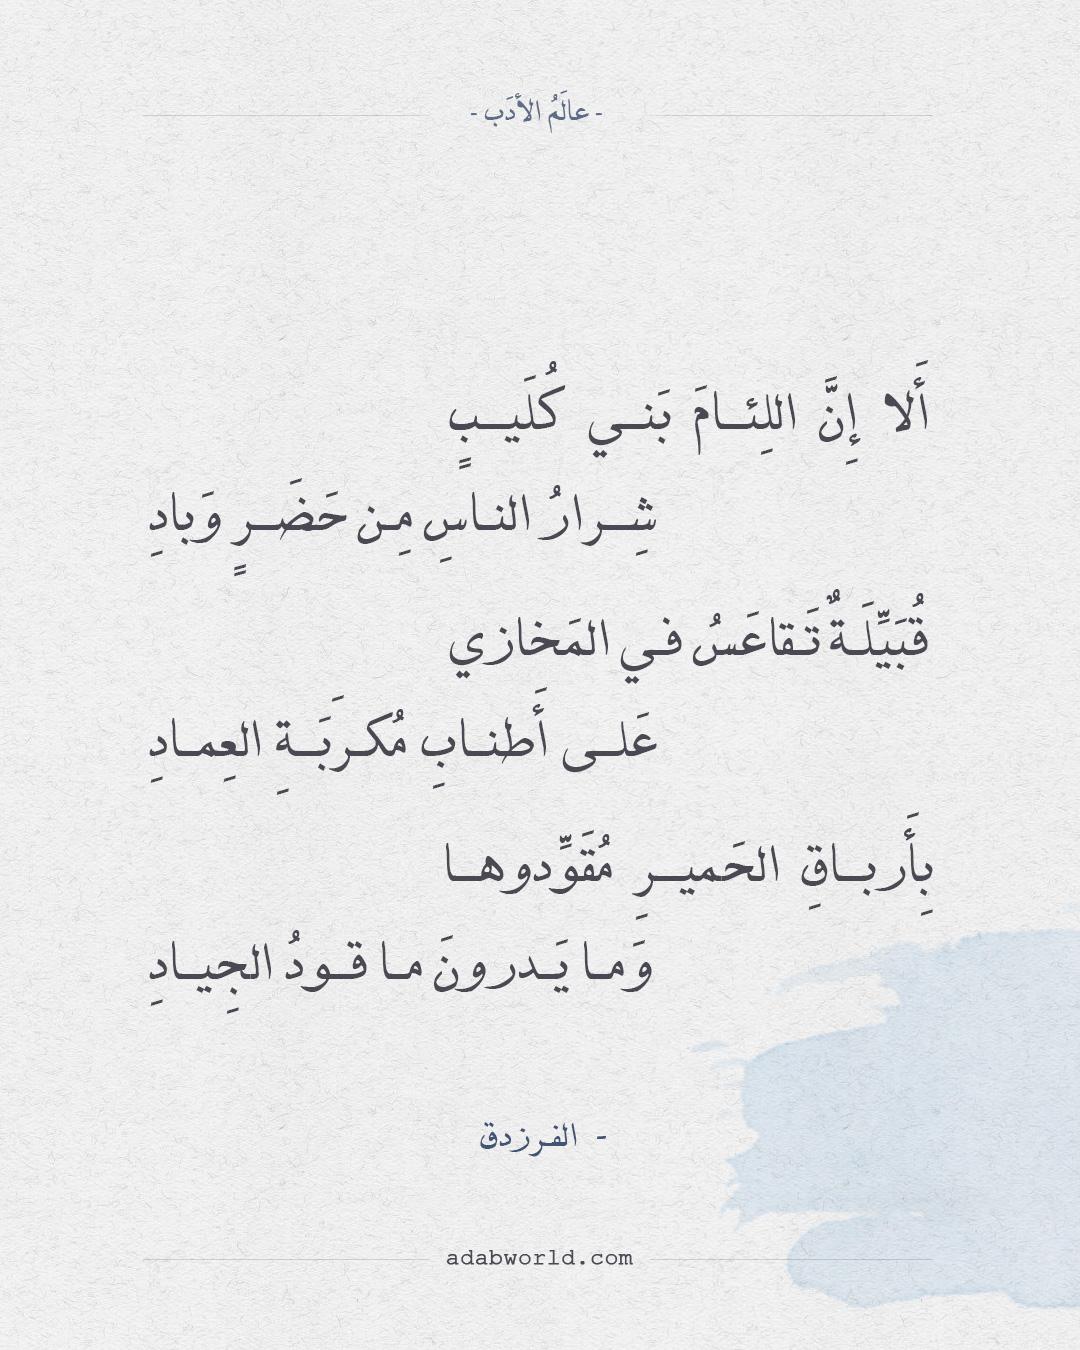 صورة ابيات شعر تحقير , اجمل ابيات الشعر